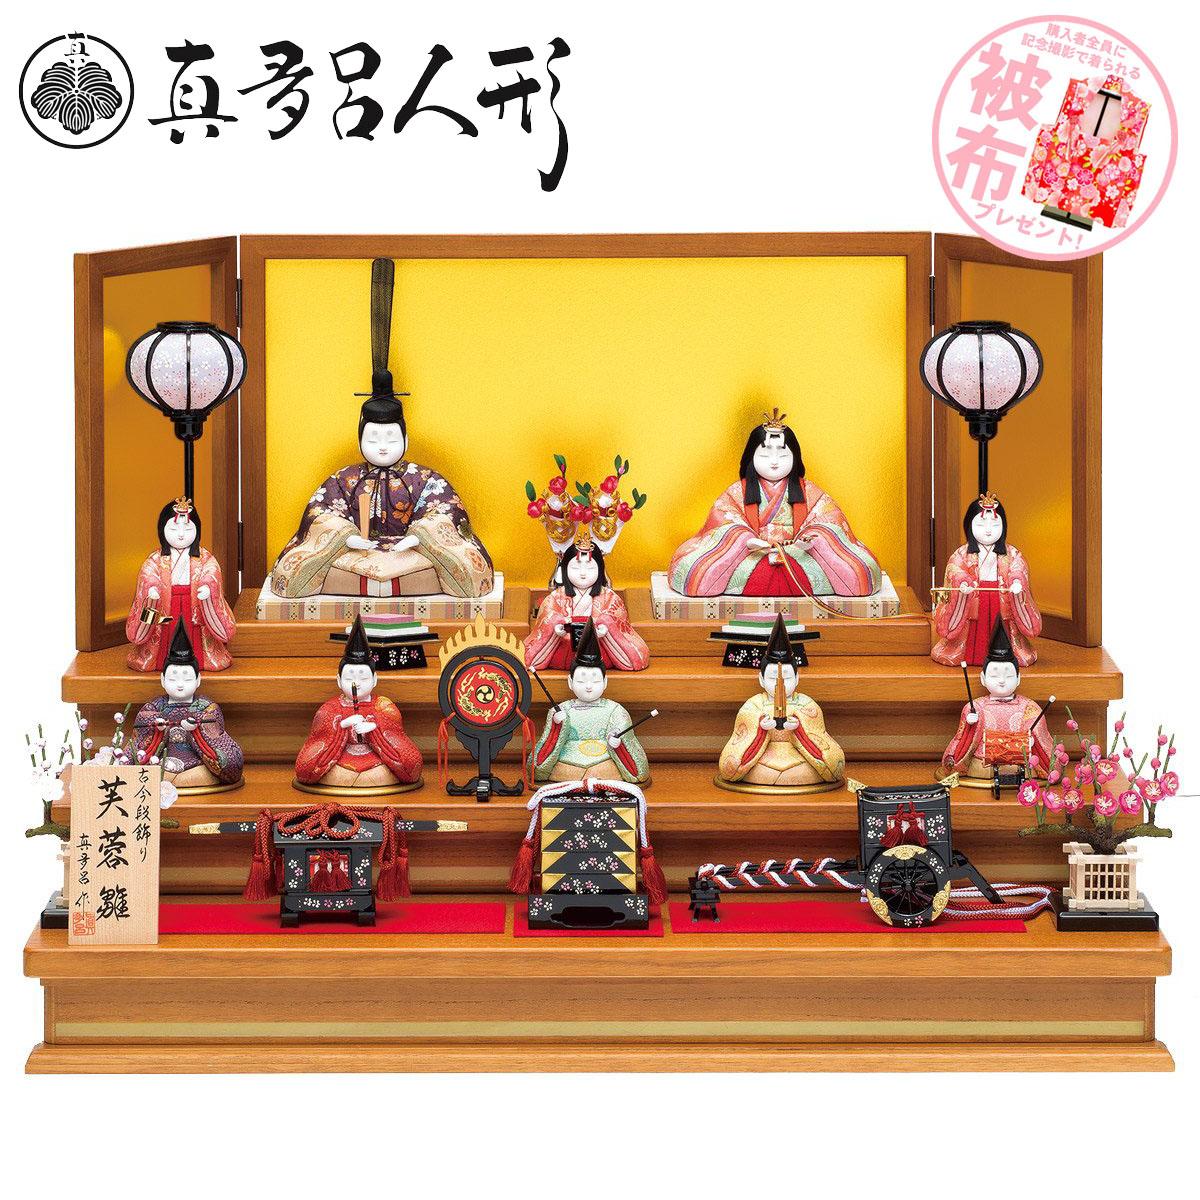 雛人形 2019年 新作 真多呂作 木目込み人形 三段飾り 古今段飾り 芙蓉雛10人揃セット 1331-003 ひな人形